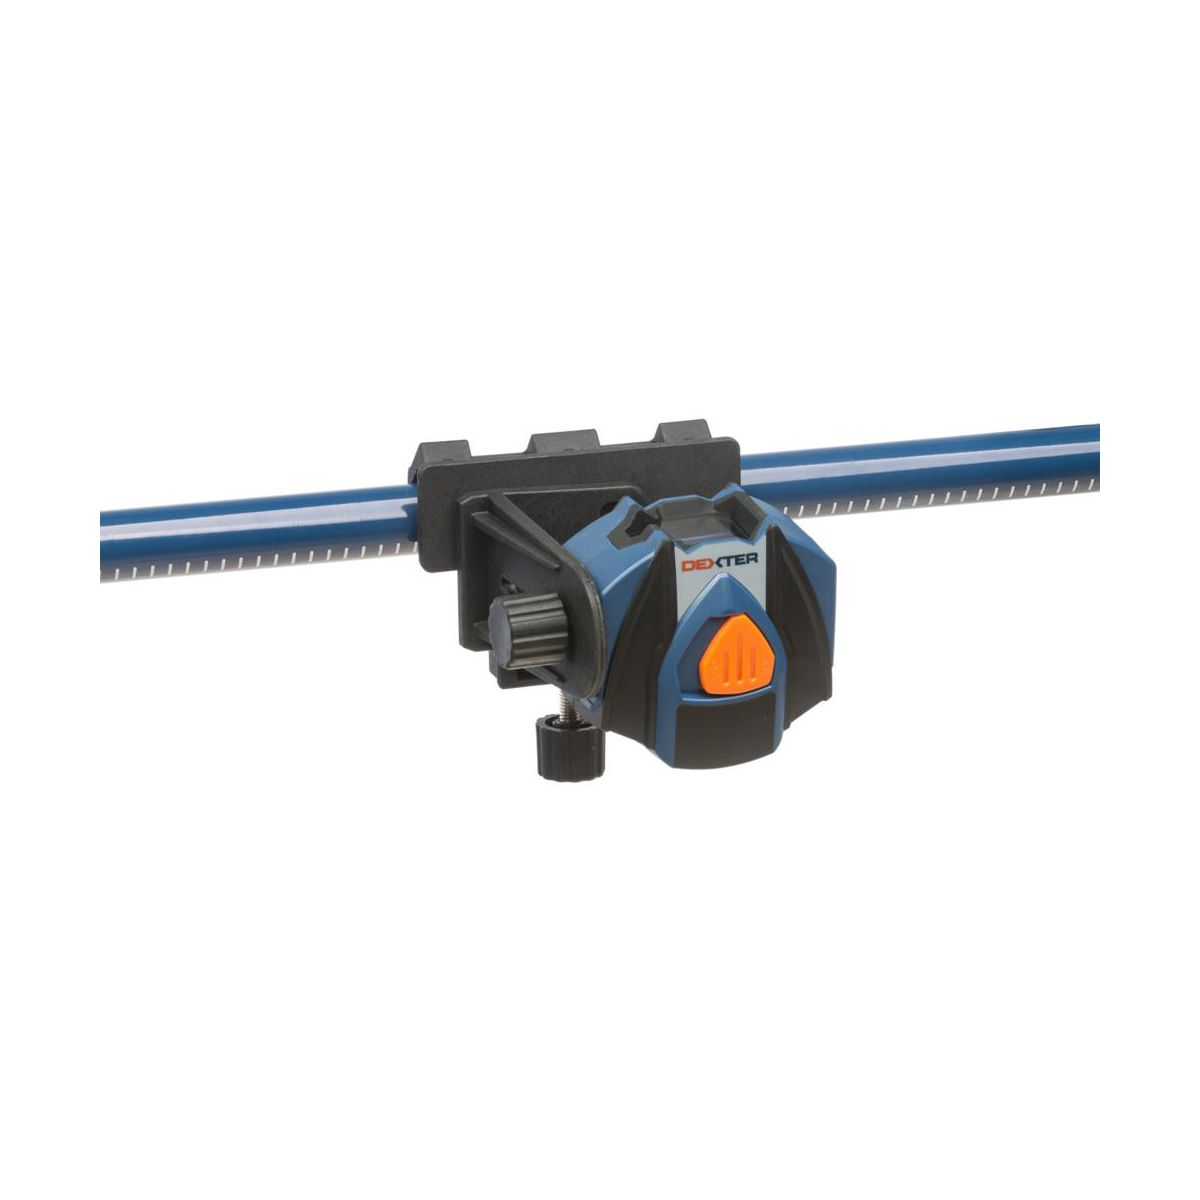 Poziomica Laserowa 20 M Nlc03 T Dexter Urzadzenia Laserowe W Atrakcyjnej Cenie W Sklepach Leroy Merlin